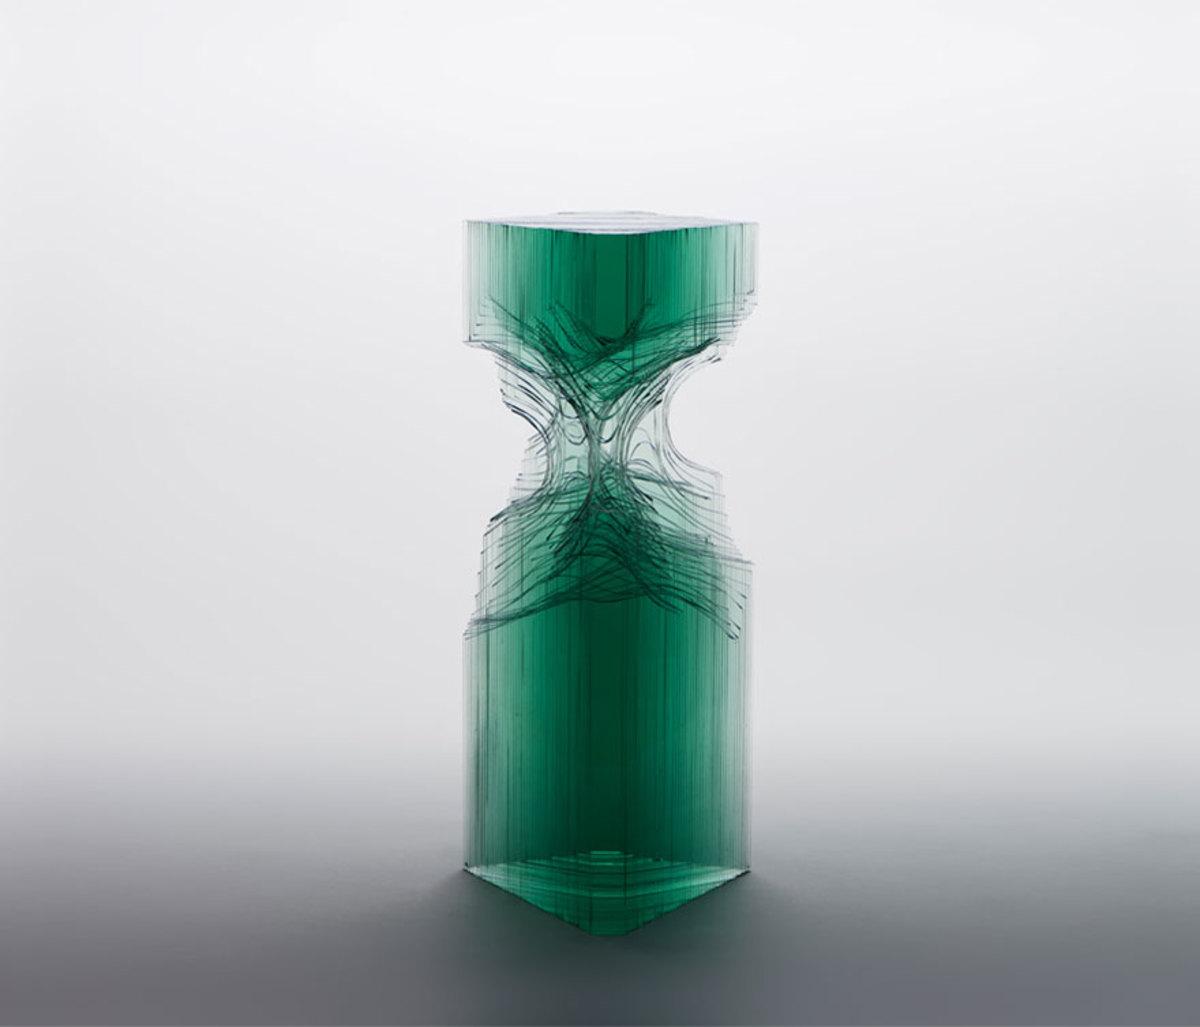 waves-glass-sculpture-ben-young-6